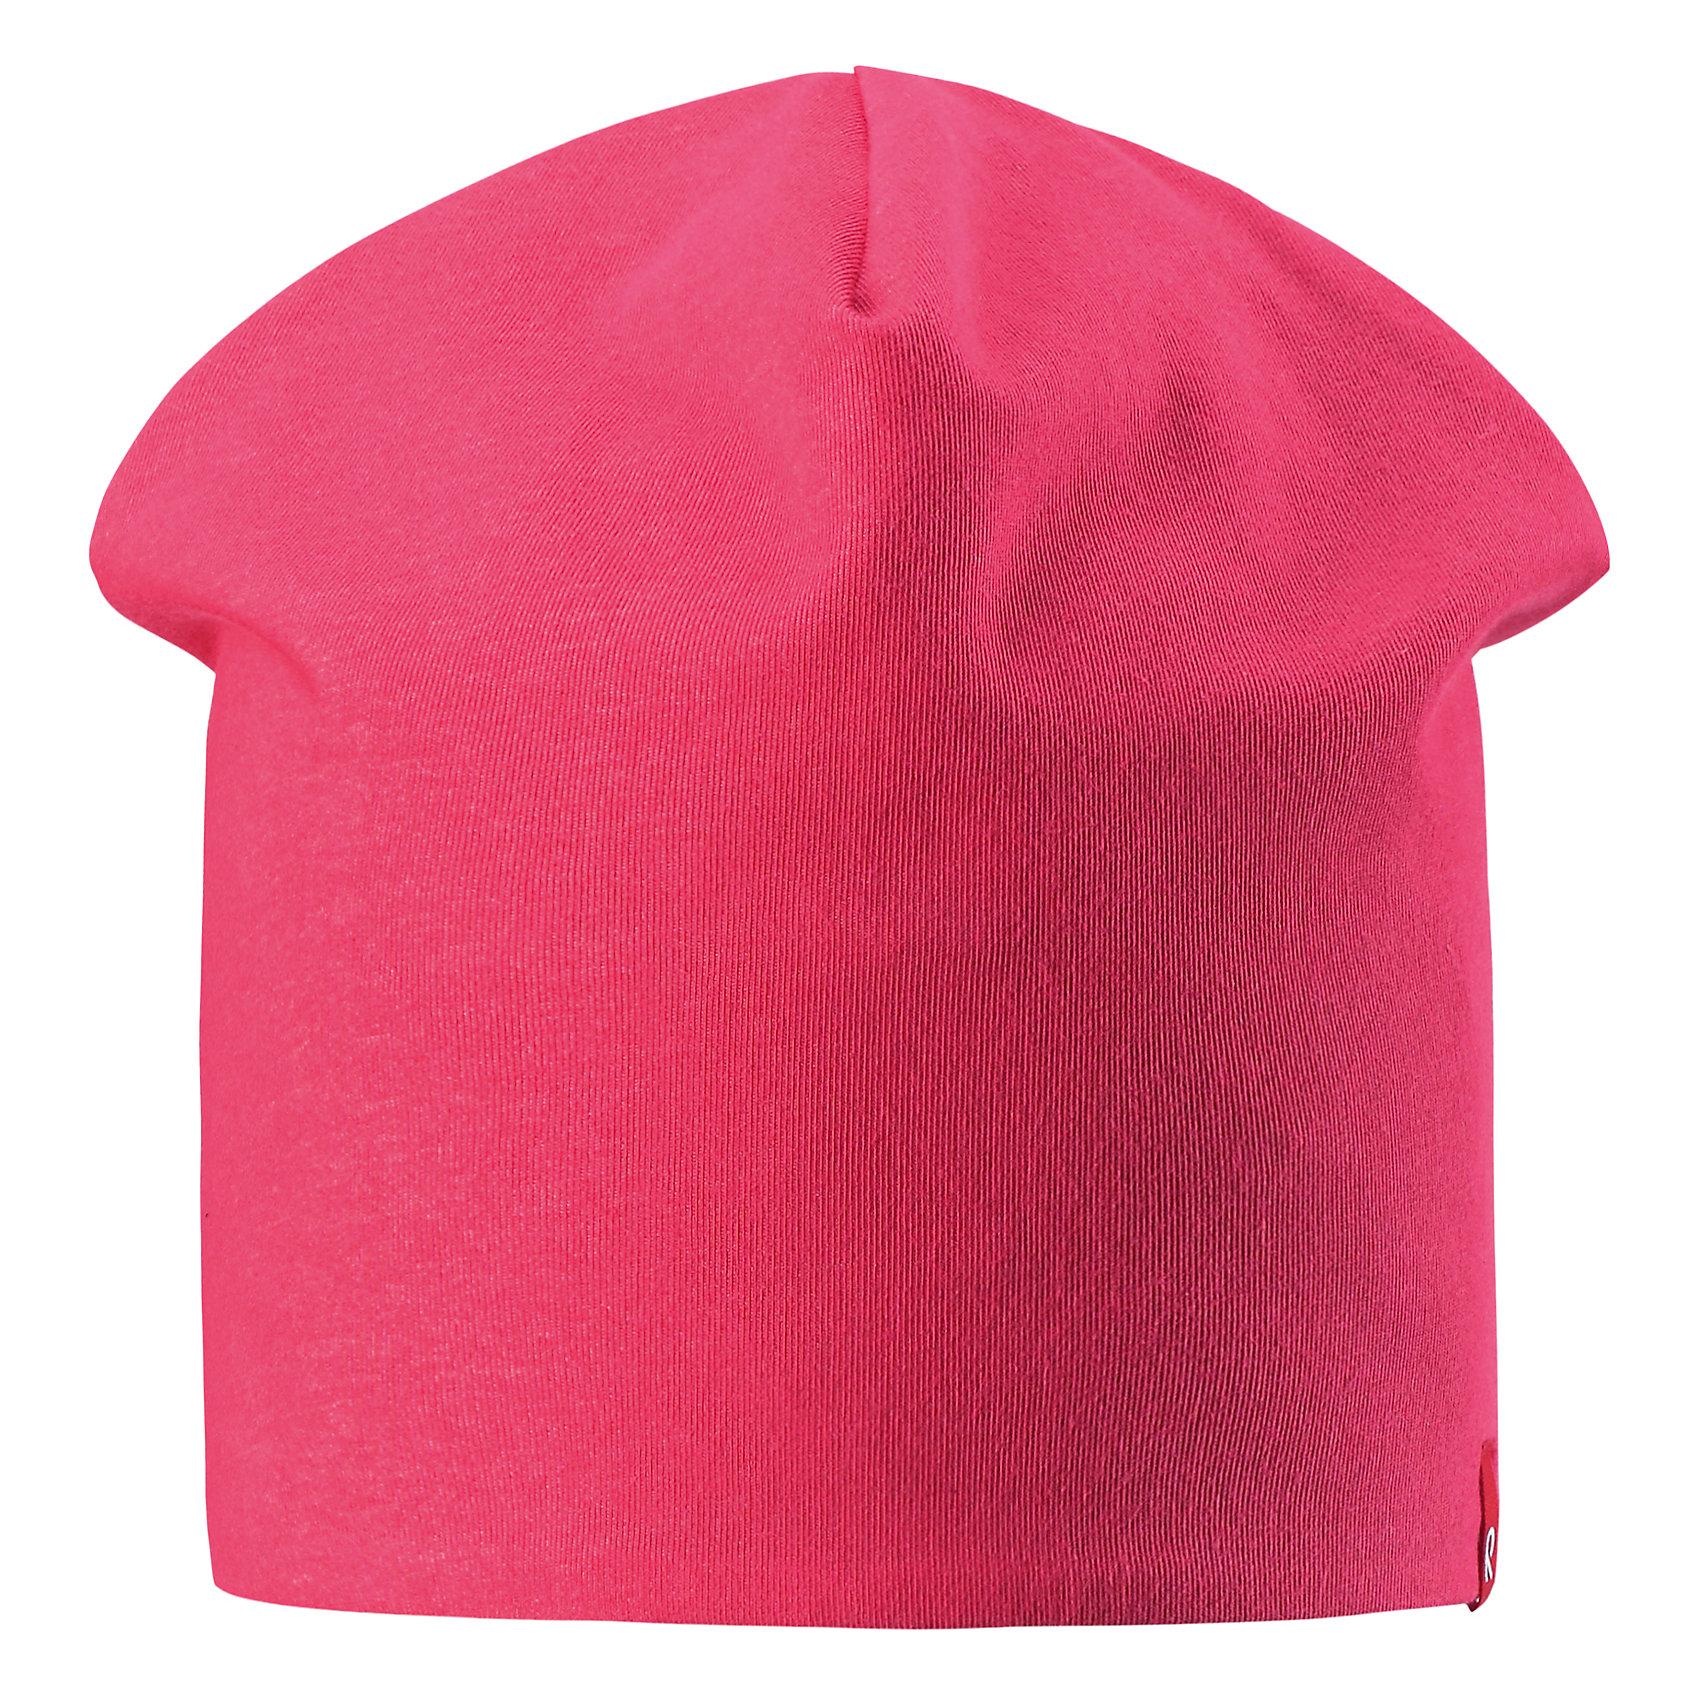 Шапка Lautta для девочки ReimaХарактеристики товара:<br><br>• цвет: розовый/темно-синий<br>• быстросохнущий материал<br>• состав: 65% хлопок, 30% полиэстер, 5% эластан<br>• эластичный материал<br>• двухсторонняя<br>• подкладка: отводящий влагу материал Play Jersey<br>• декоративный логотип<br>• фактор защиты от ультрафиолета: 40+<br>• комфортная посадка<br>• страна производства: Китай<br>• страна бренда: Финляндия<br>• коллекция: весна-лето 2017<br><br>Детский головной убор может быть модным и удобным одновременно! Стильная шапка поможет обеспечить ребенку комфорт и дополнить наряд. Она отлично смотрится с различной одеждой. Шапка удобно сидит и аккуратно выглядит. Проста в уходе, долго служит. Стильный дизайн разрабатывался специально для детей. Отличная защита от солнца!<br><br>Одежда и обувь от финского бренда Reima пользуется популярностью во многих странах. Эти изделия стильные, качественные и удобные. Для производства продукции используются только безопасные, проверенные материалы и фурнитура. Порадуйте ребенка модными и красивыми вещами от Reima! <br><br>Шапку от финского бренда Reima (Рейма) можно купить в нашем интернет-магазине.<br><br>Ширина мм: 89<br>Глубина мм: 117<br>Высота мм: 44<br>Вес г: 155<br>Цвет: розовый<br>Возраст от месяцев: 48<br>Возраст до месяцев: 84<br>Пол: Женский<br>Возраст: Детский<br>Размер: 54,50<br>SKU: 5267937